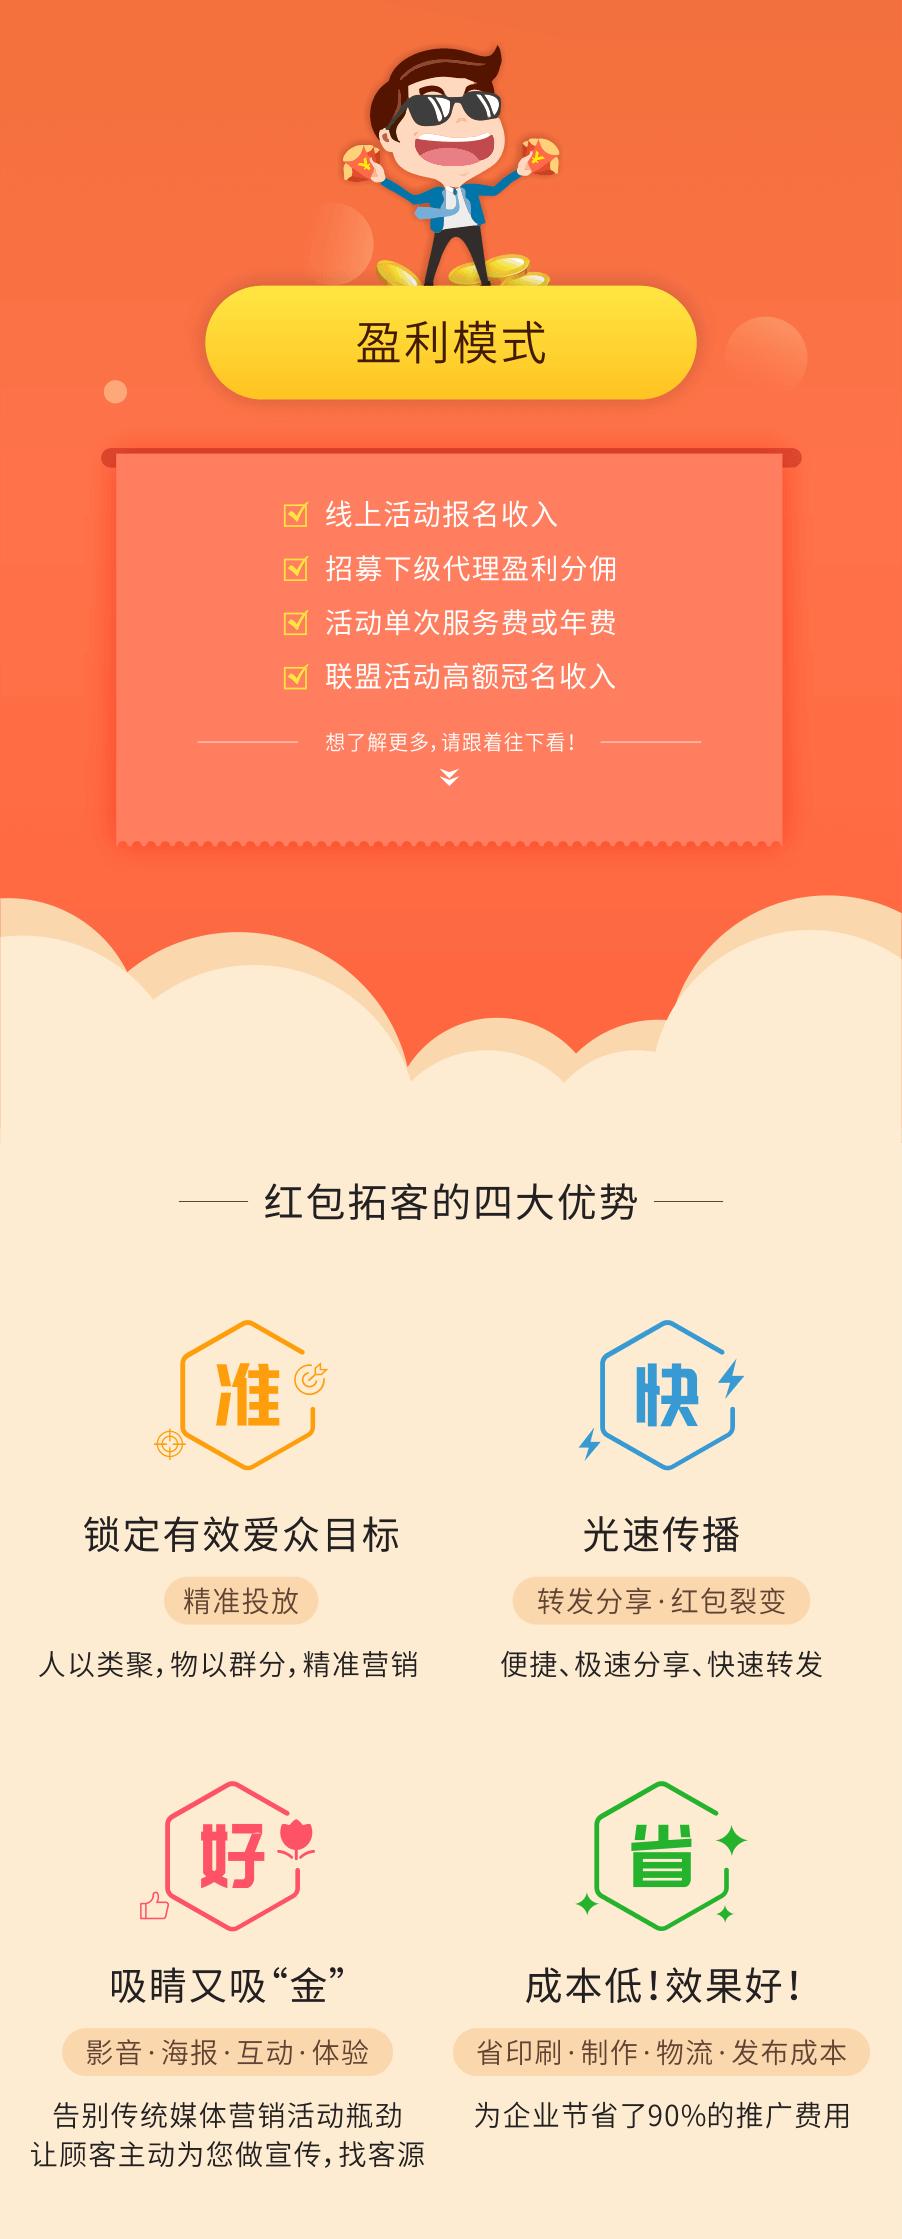 紅包拓客-千千原創_04.png